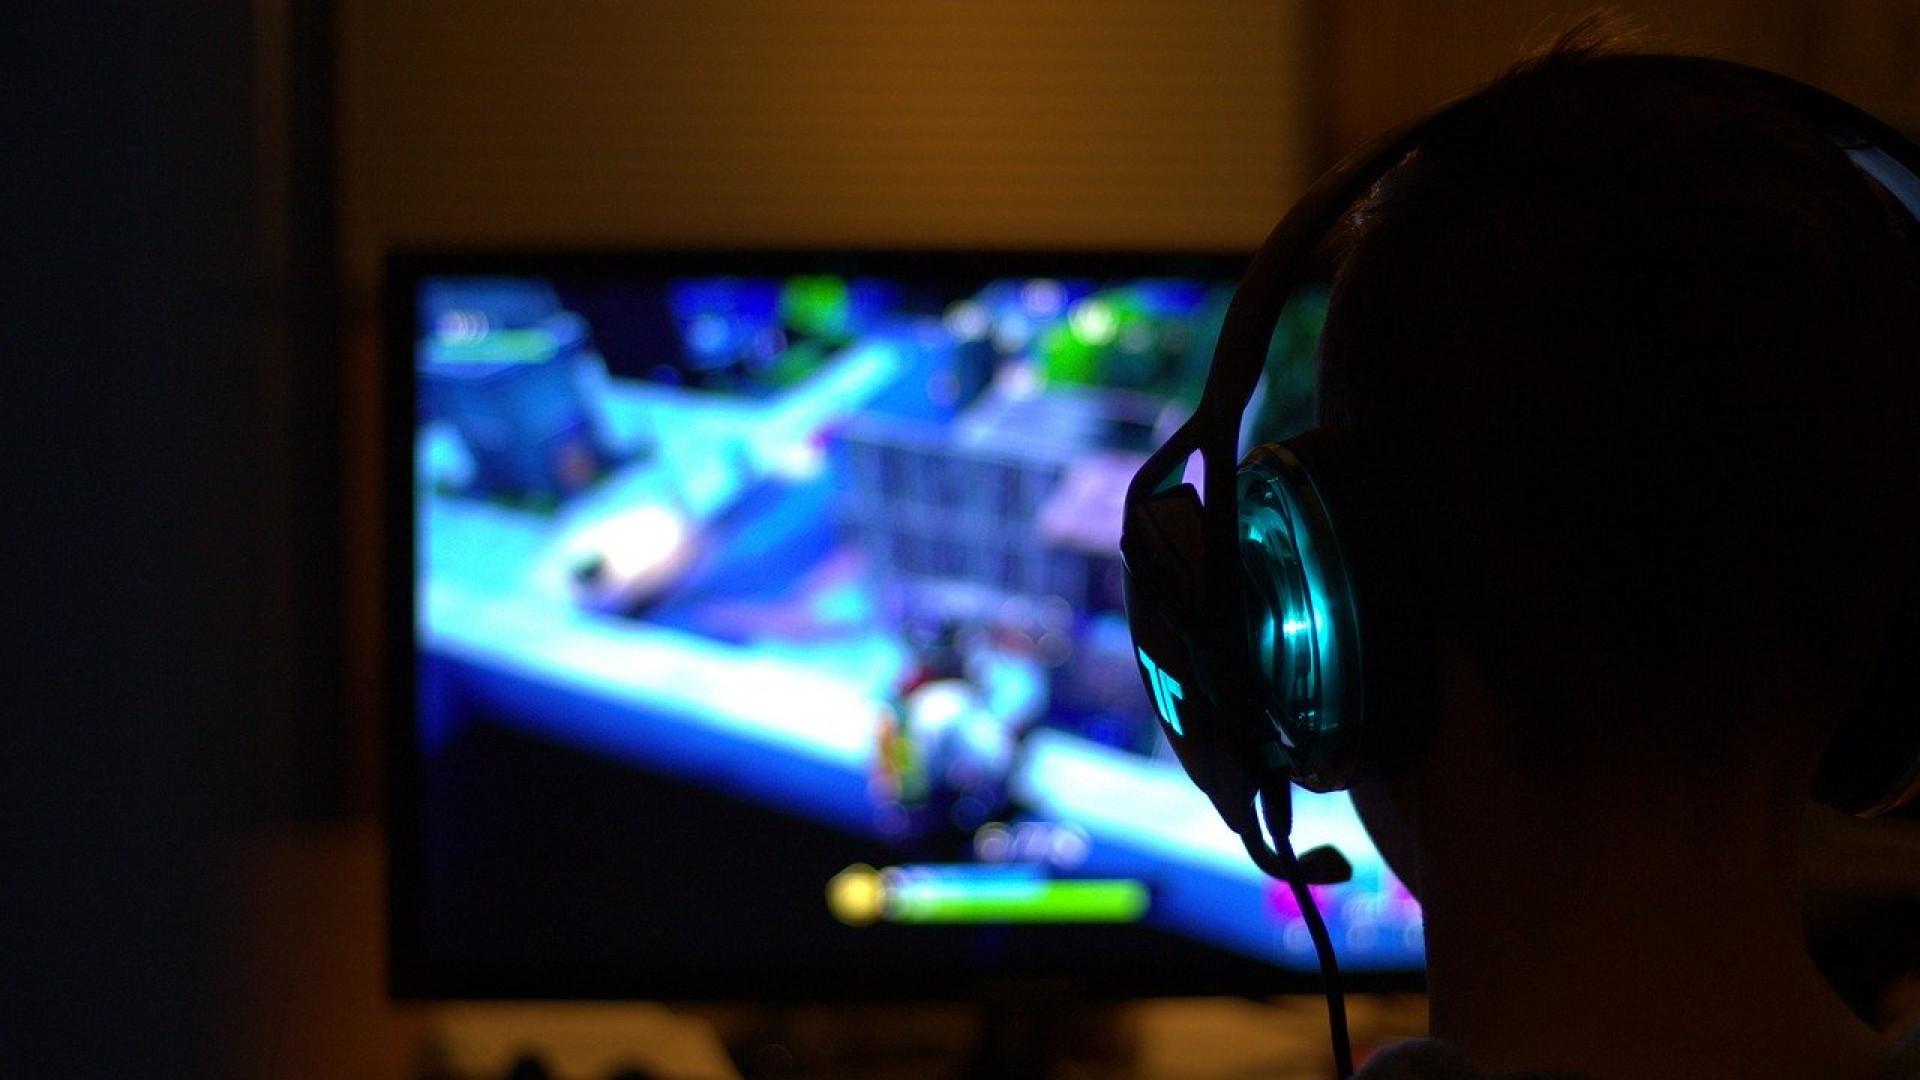 Les jeux vidéo : définition, type et avantage